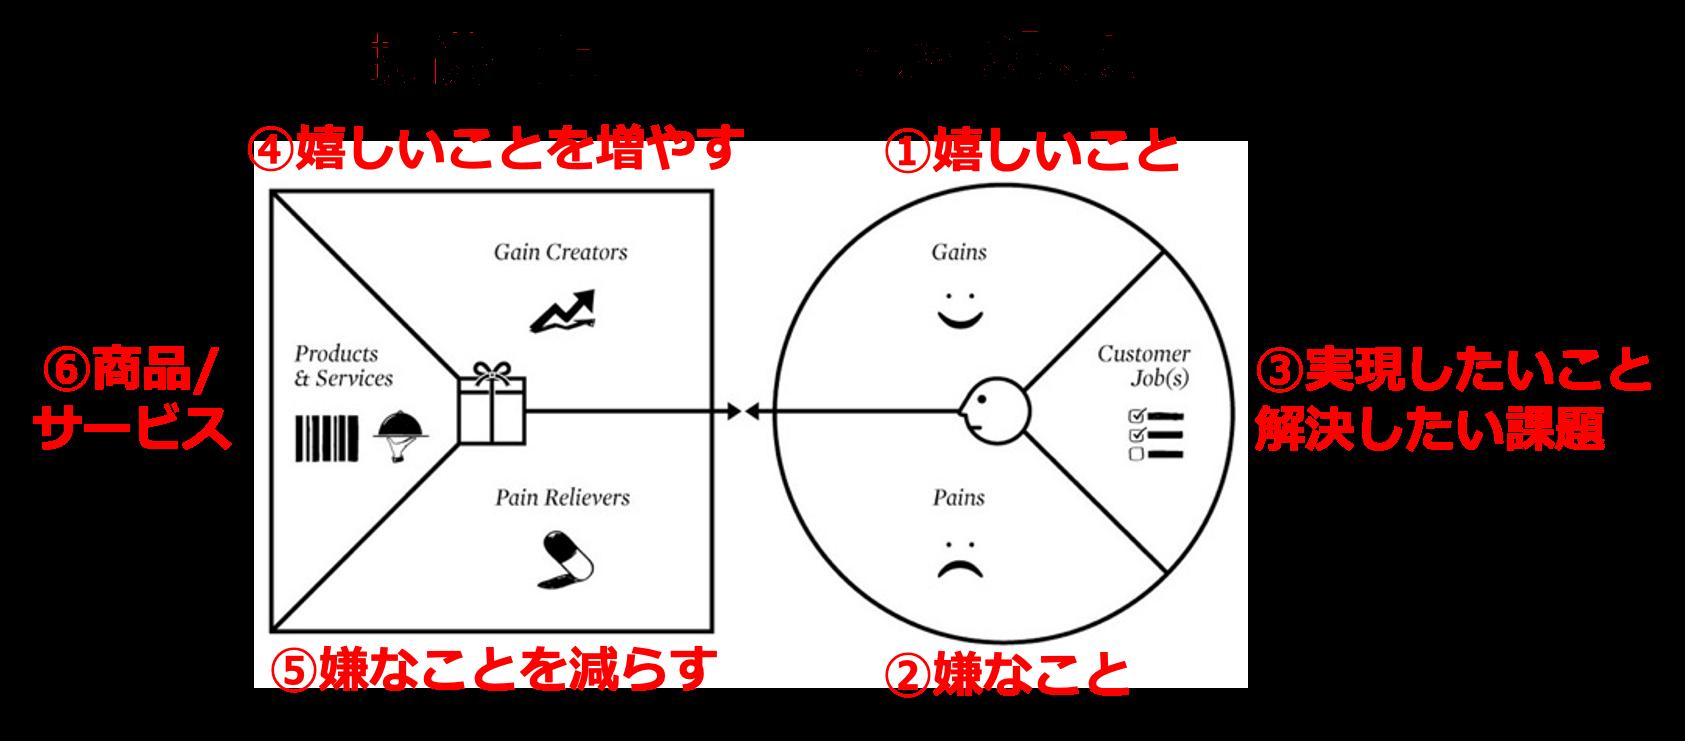 顧客課題と提供価値を整理する「バリュープロポジションキャンバス」の使い方